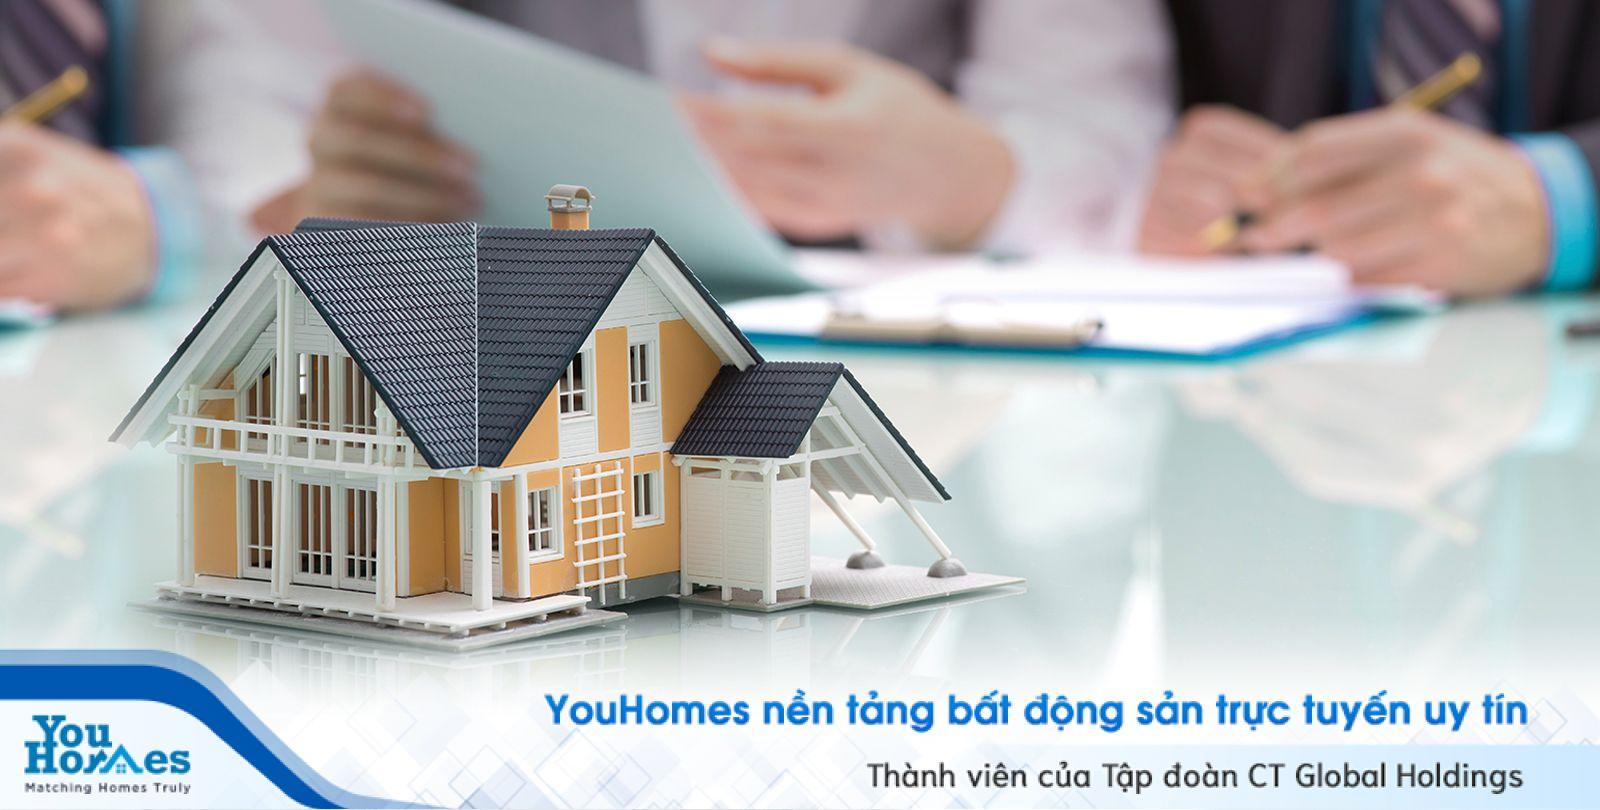 Liệu có thể mua nhà đang thế chấp ngân hàng hay không?